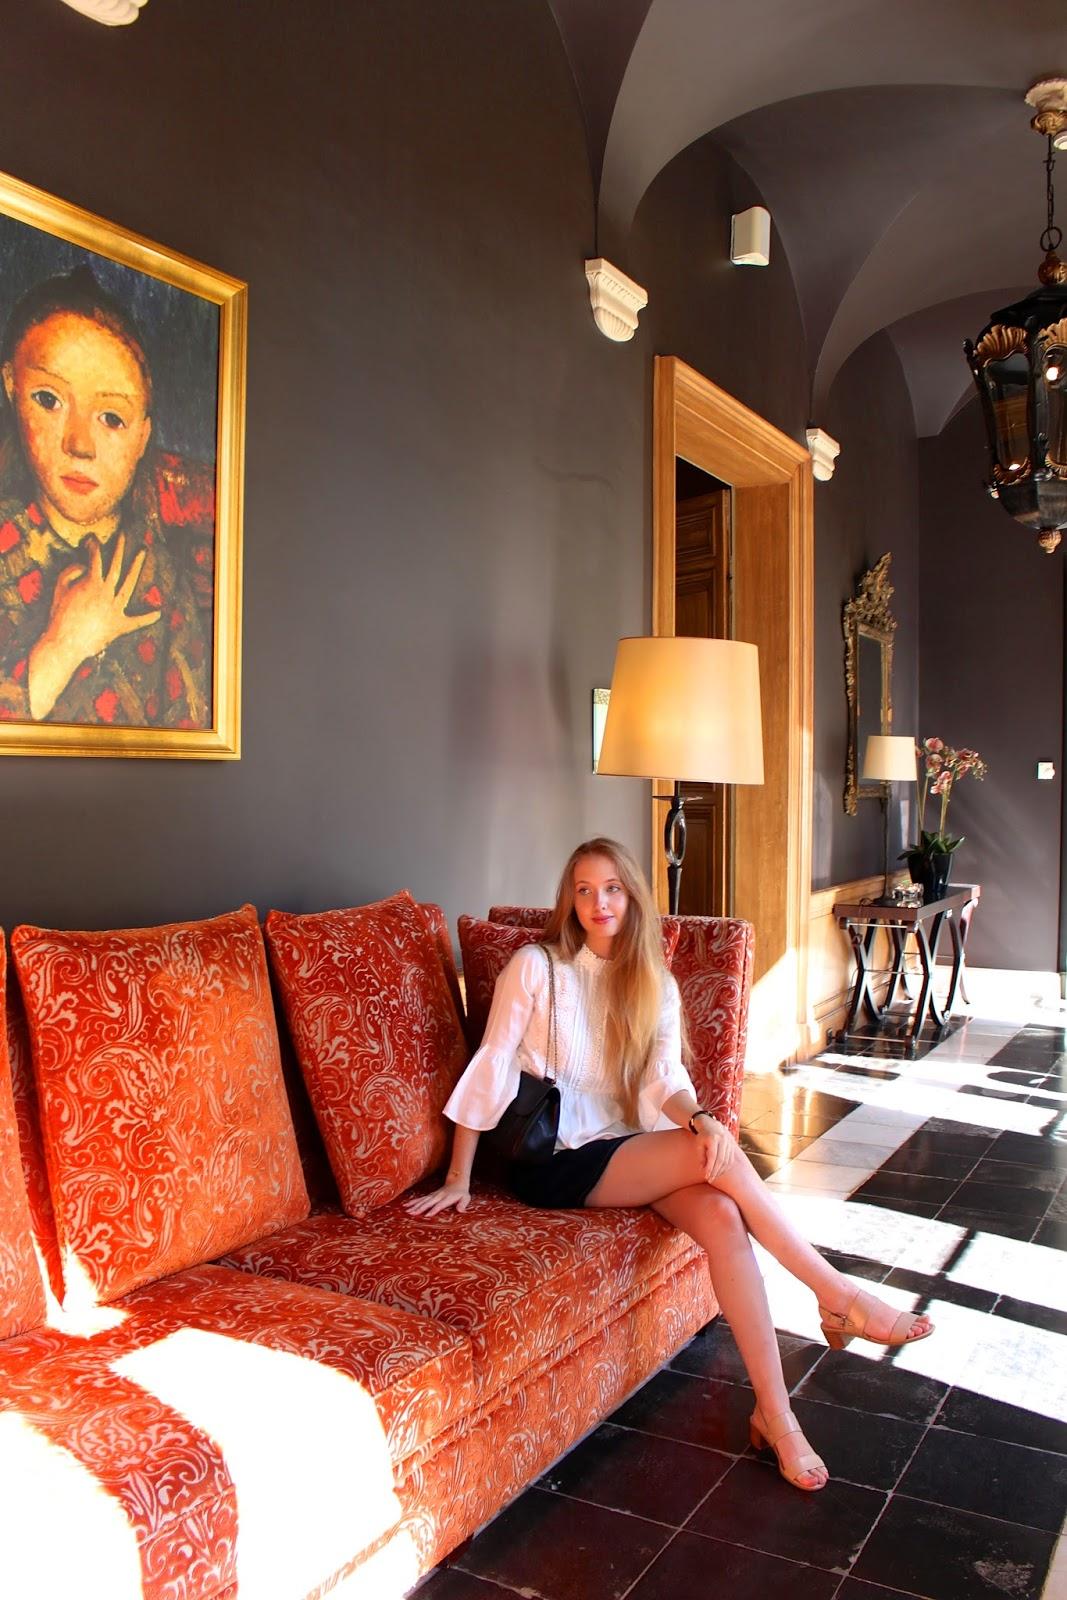 Luxury travel blogger exploring Hotel Dukes' Palace